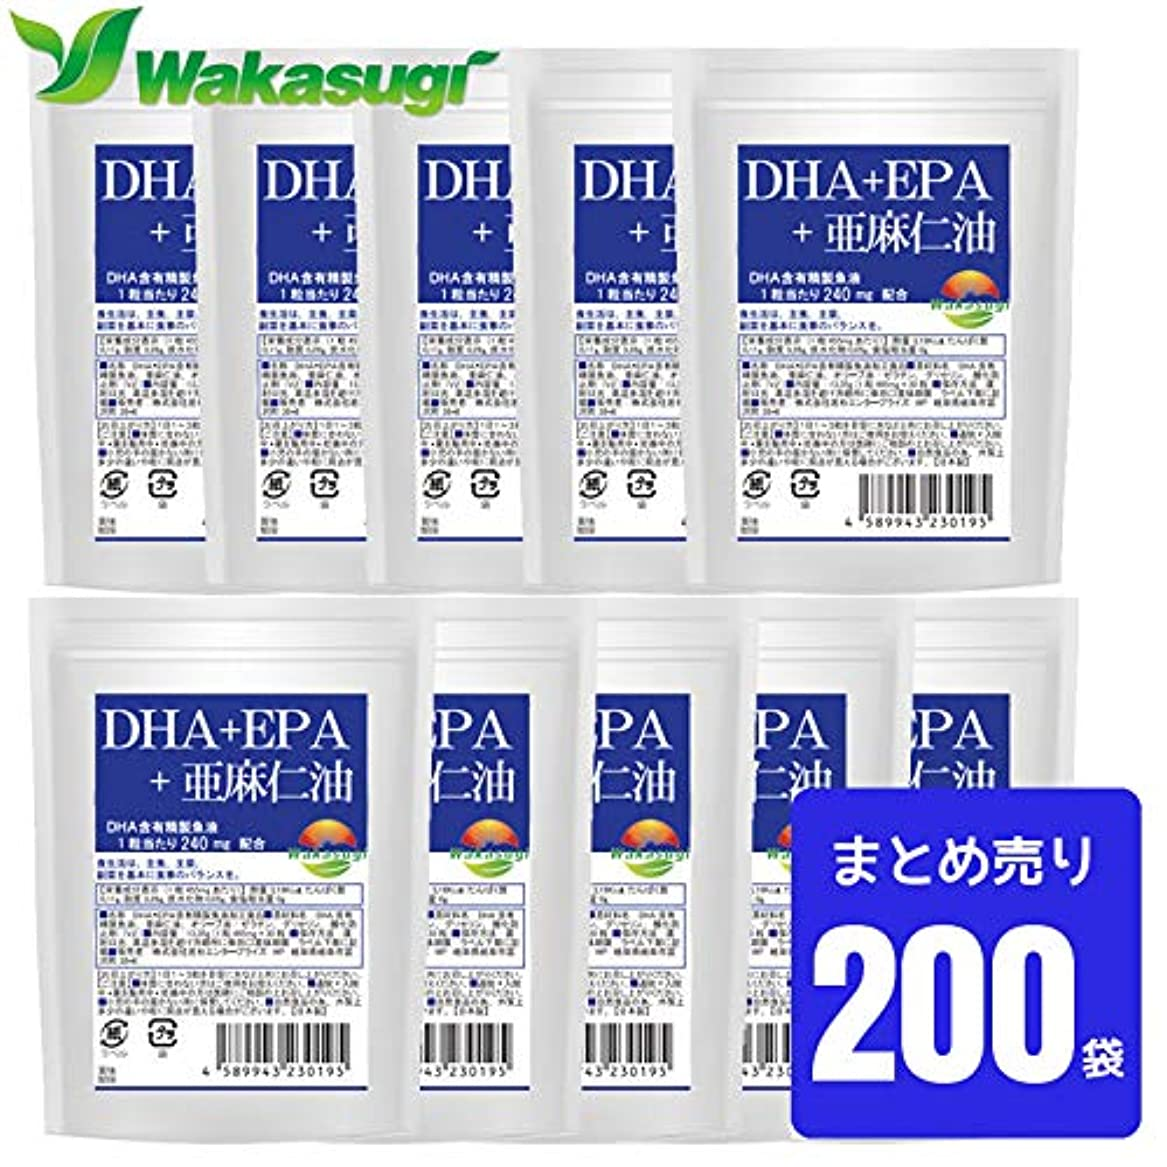 小石あなたは見る人DHA+EPA+亜麻仁油 ソフトカプセル30粒 200袋 合計6,000粒 まとめ売り